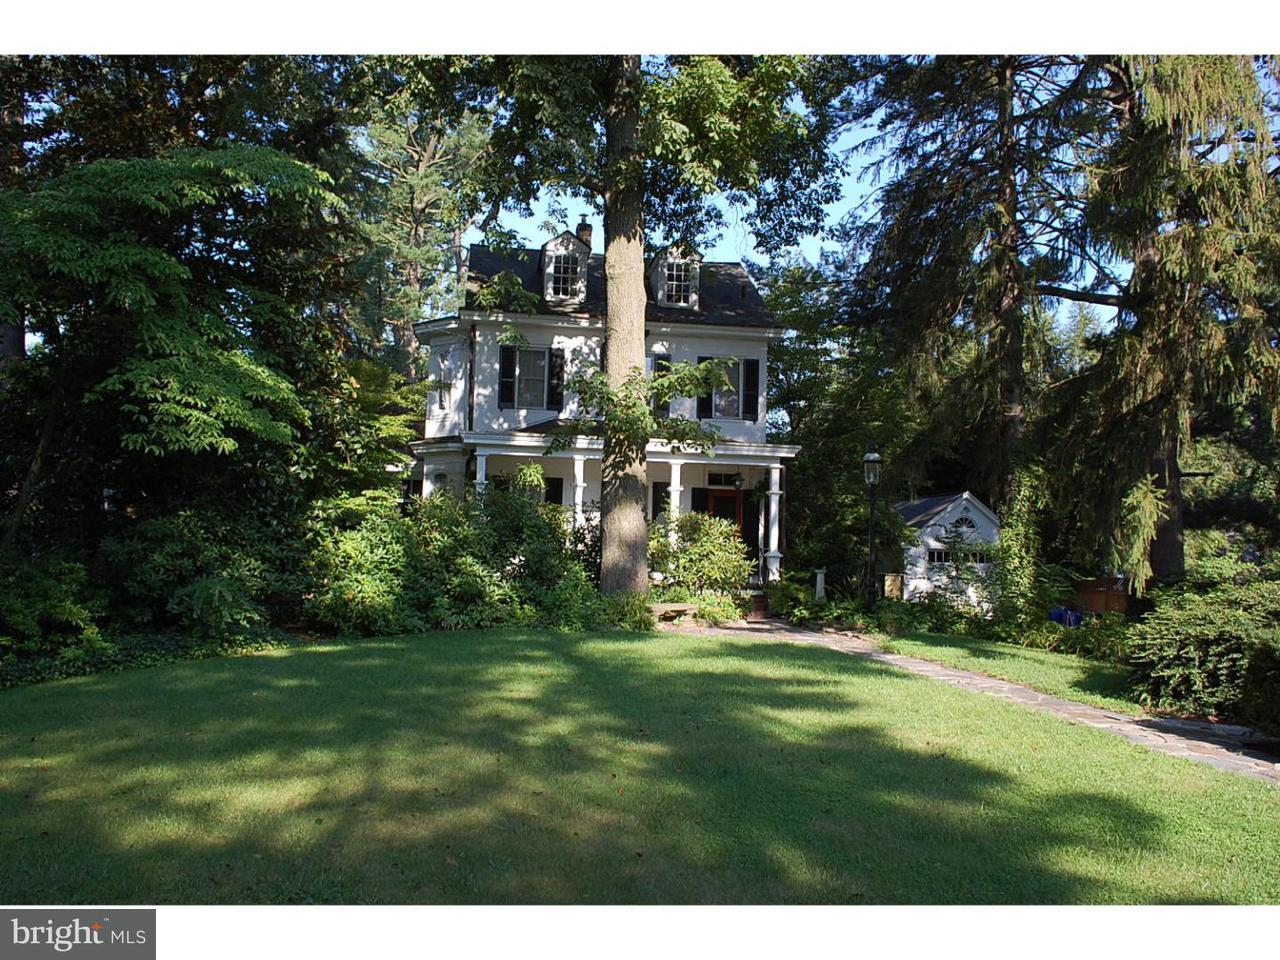 Μονοκατοικία για την Πώληση στο 85 N EVERGREEN Avenue Woodbury, Νιου Τζερσεϋ 08096 Ηνωμενεσ Πολιτειεσ